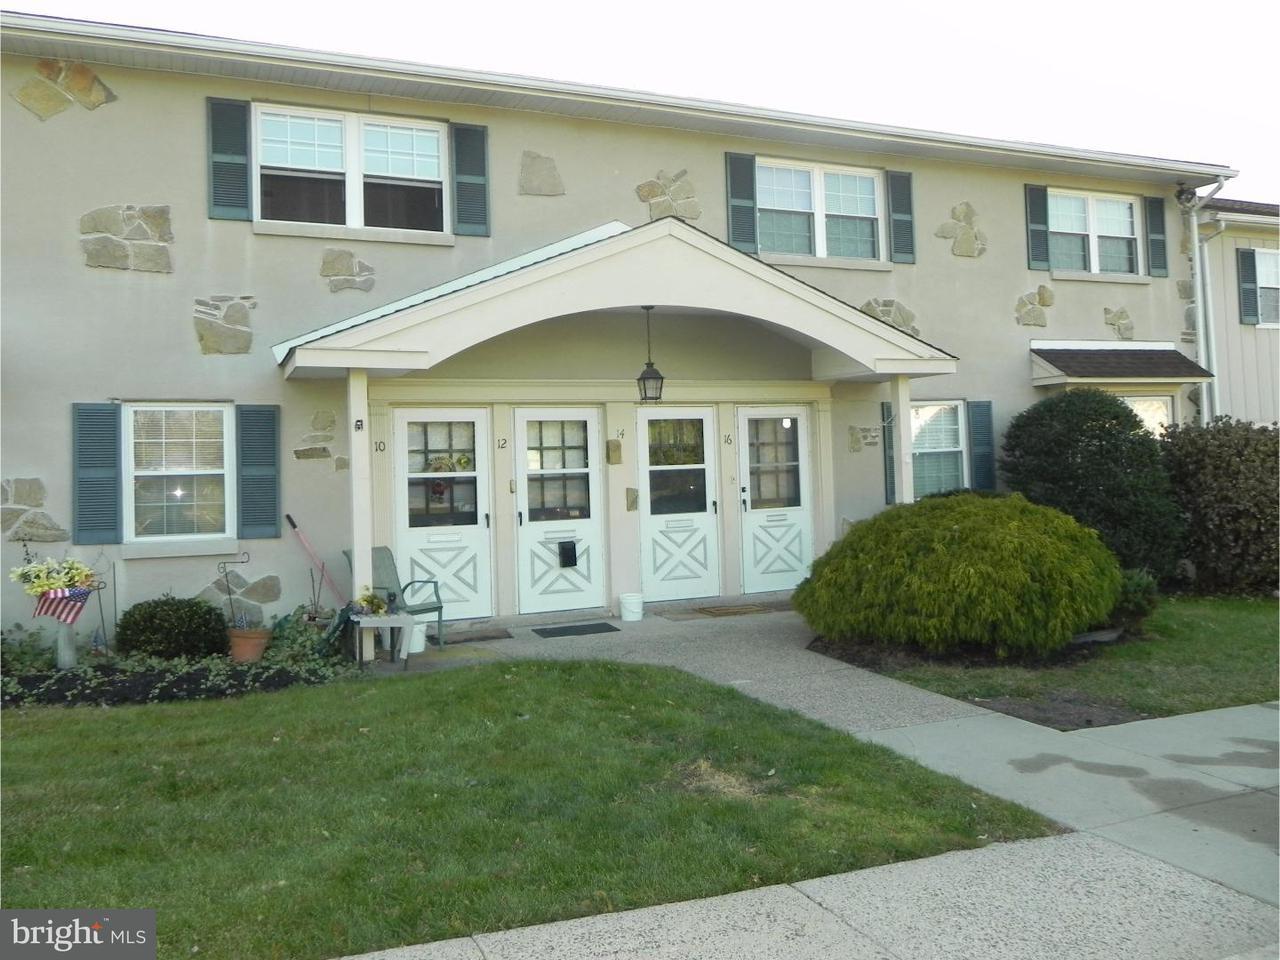 Maison unifamiliale pour l à louer à 12 DERRY Drive North Wales, Pennsylvanie 19454 États-Unis